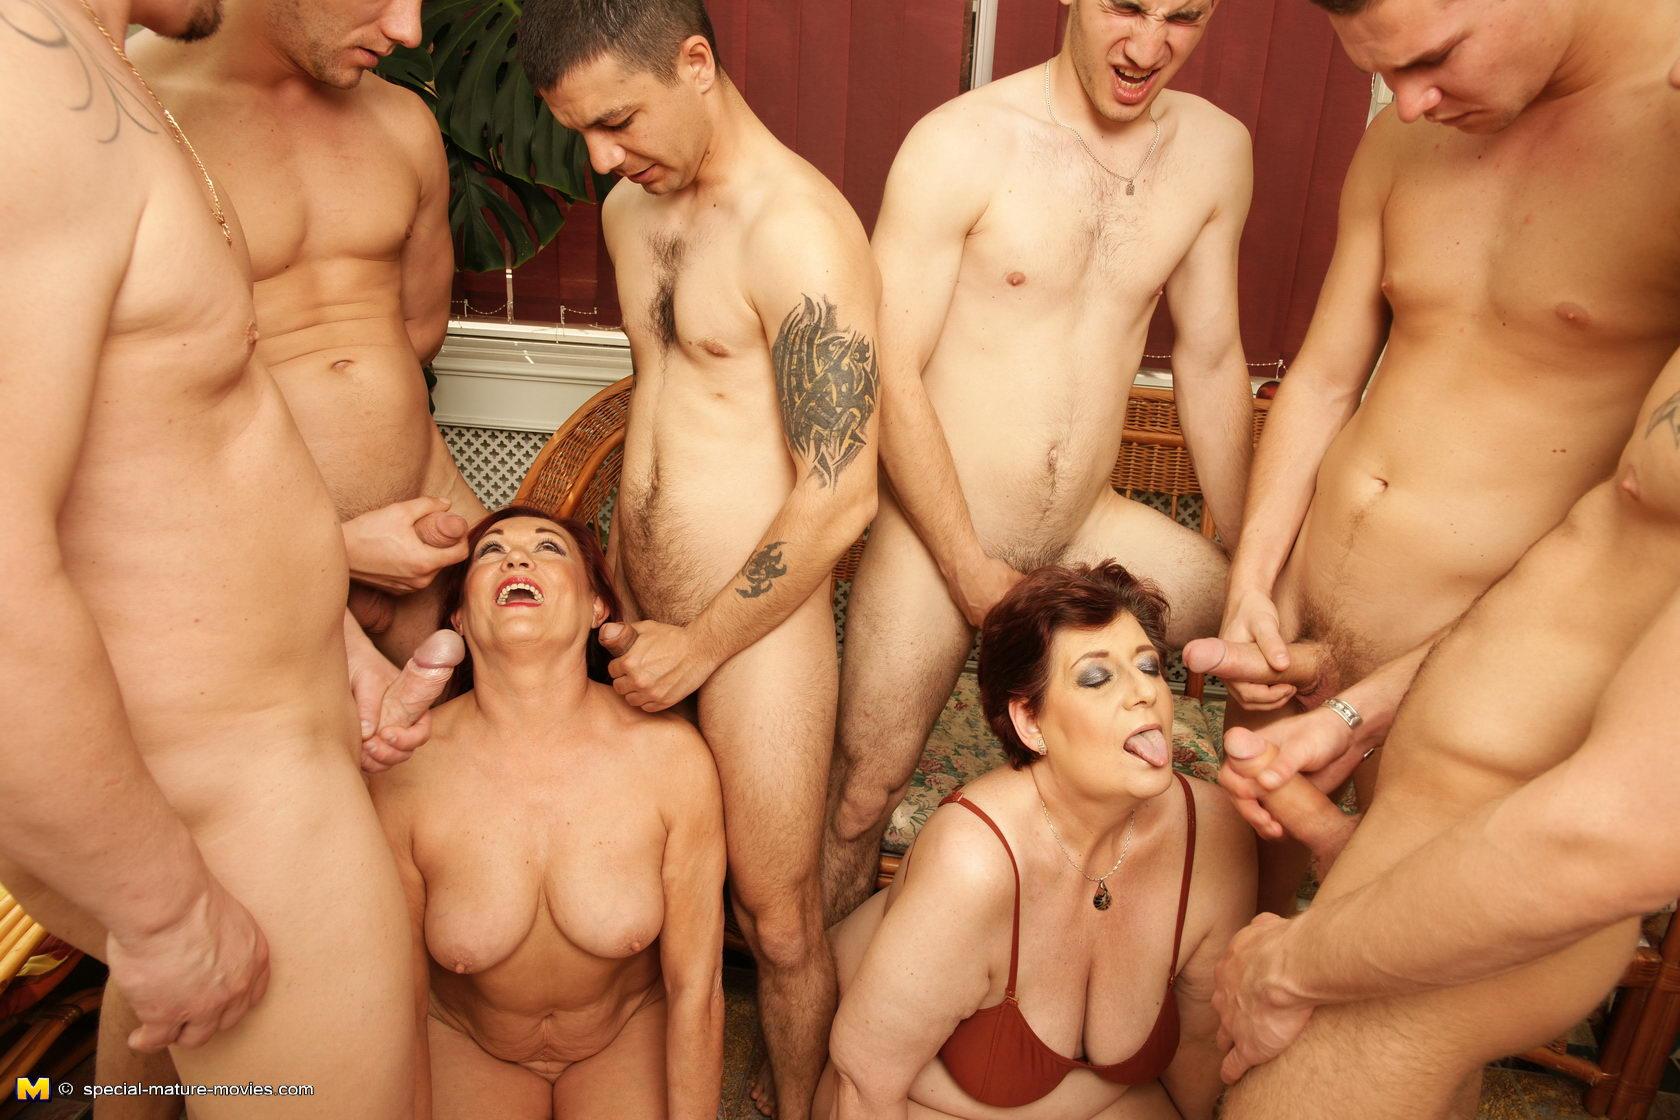 Парень трахает зрелую тетю - Ролики 18+ для взрослых поклонников порно